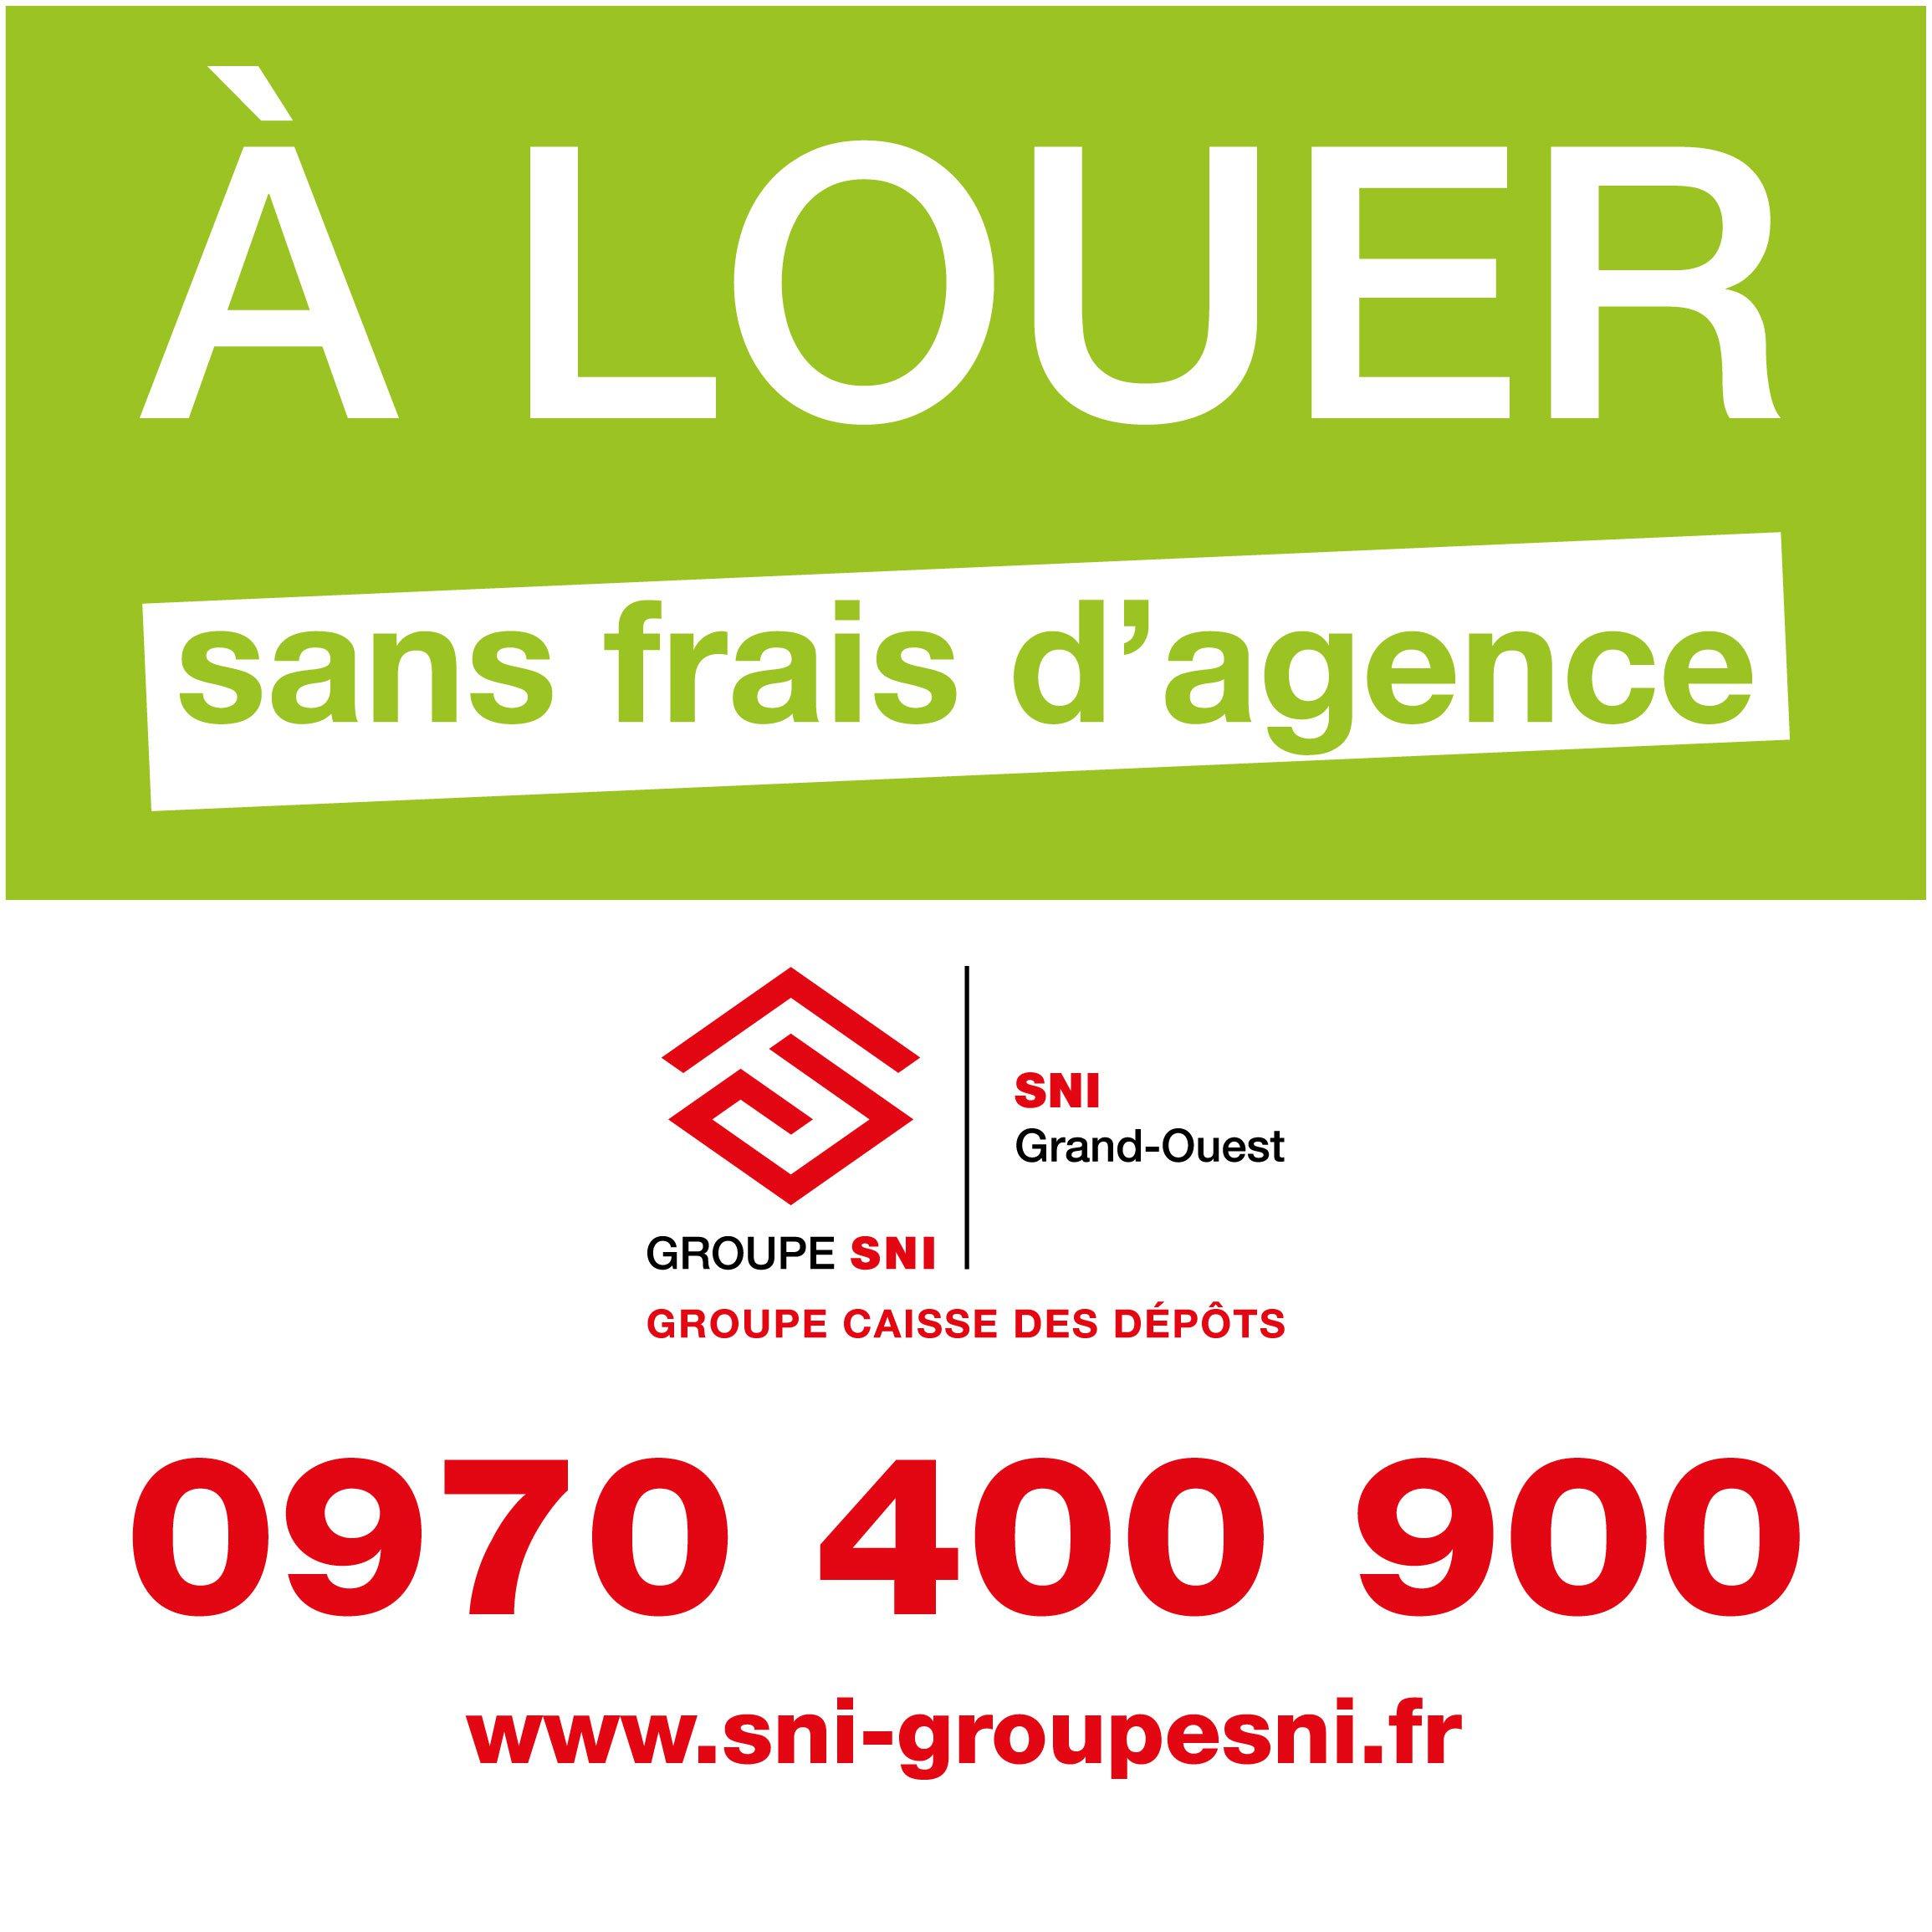 Panneau-A-LOUER 800 800 - decograph publicite